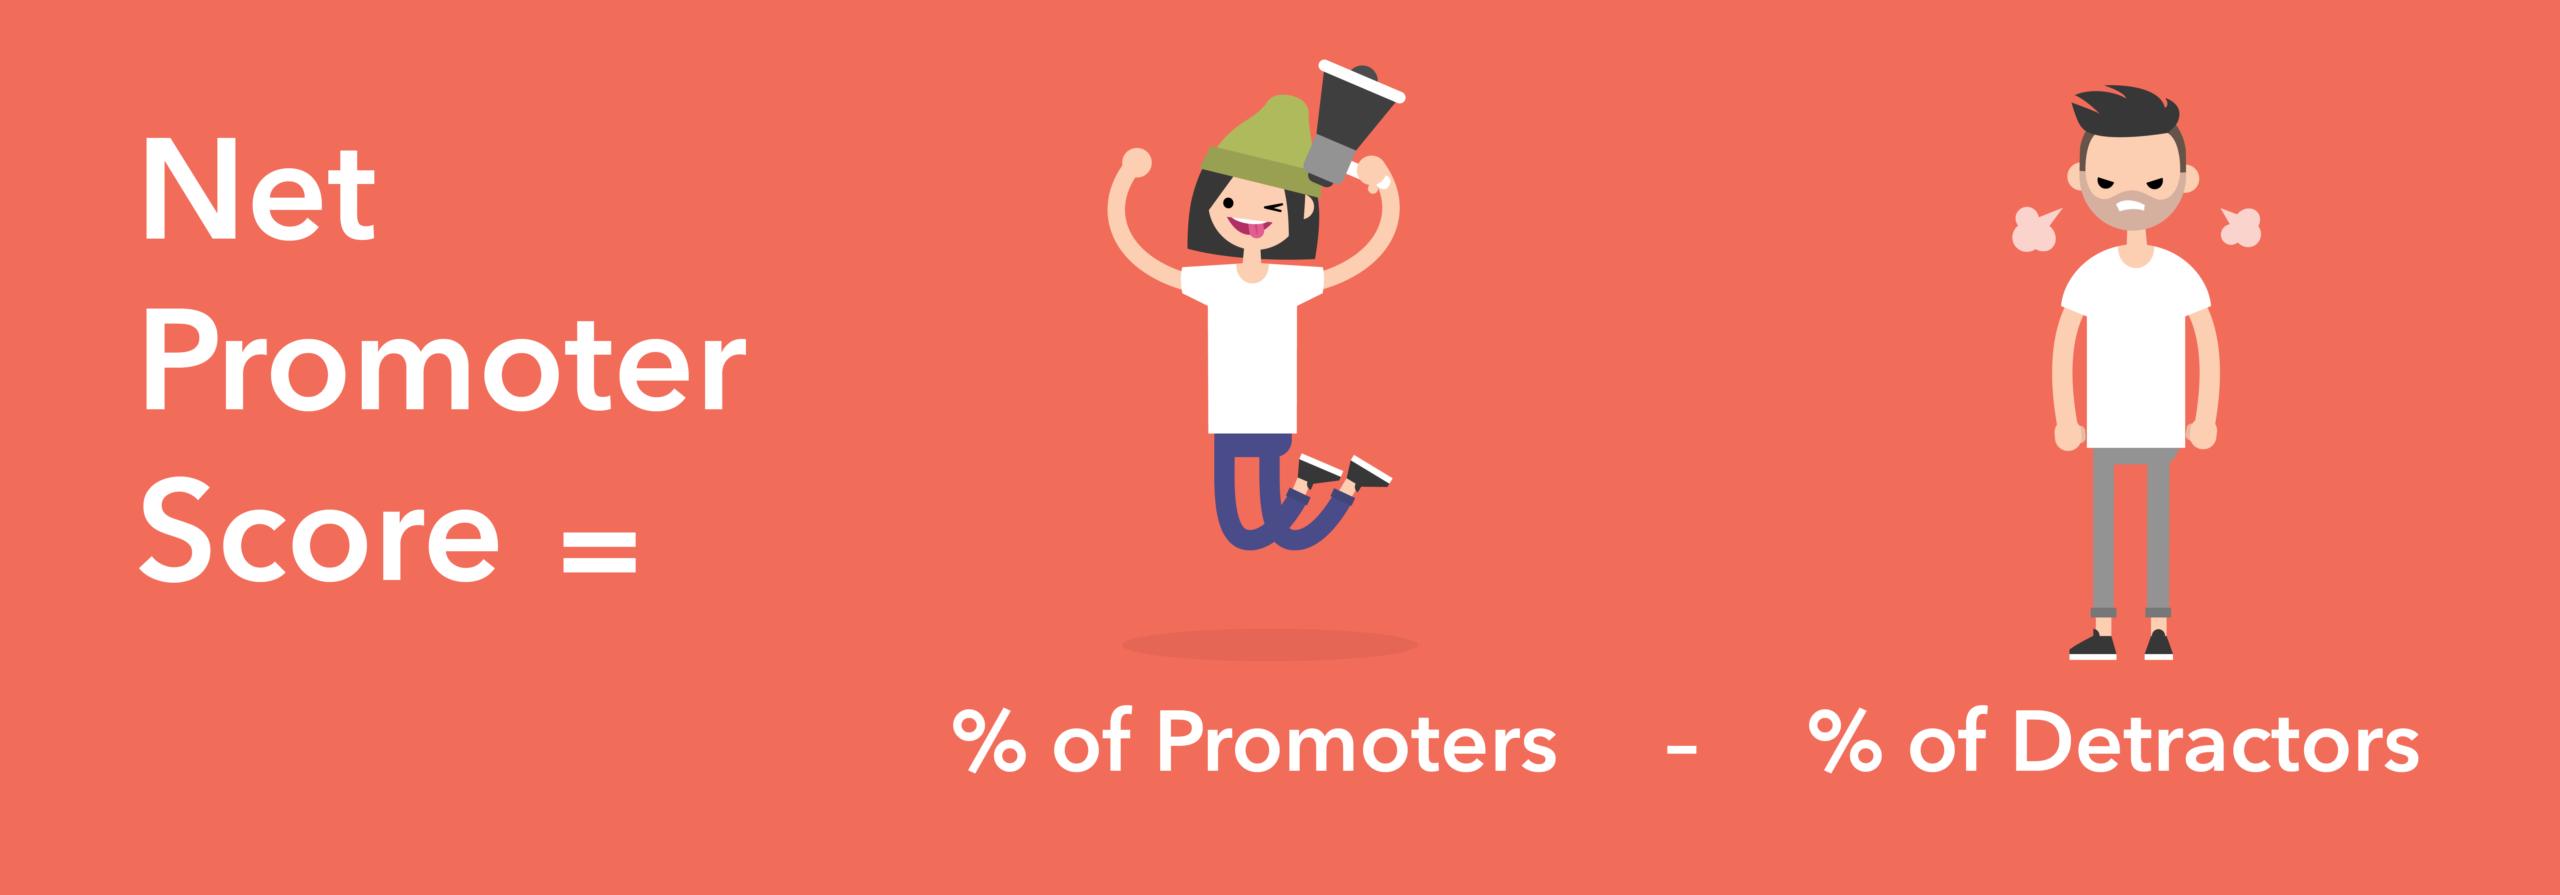 Net Promoter Score = % of Promoters - % of Detractors